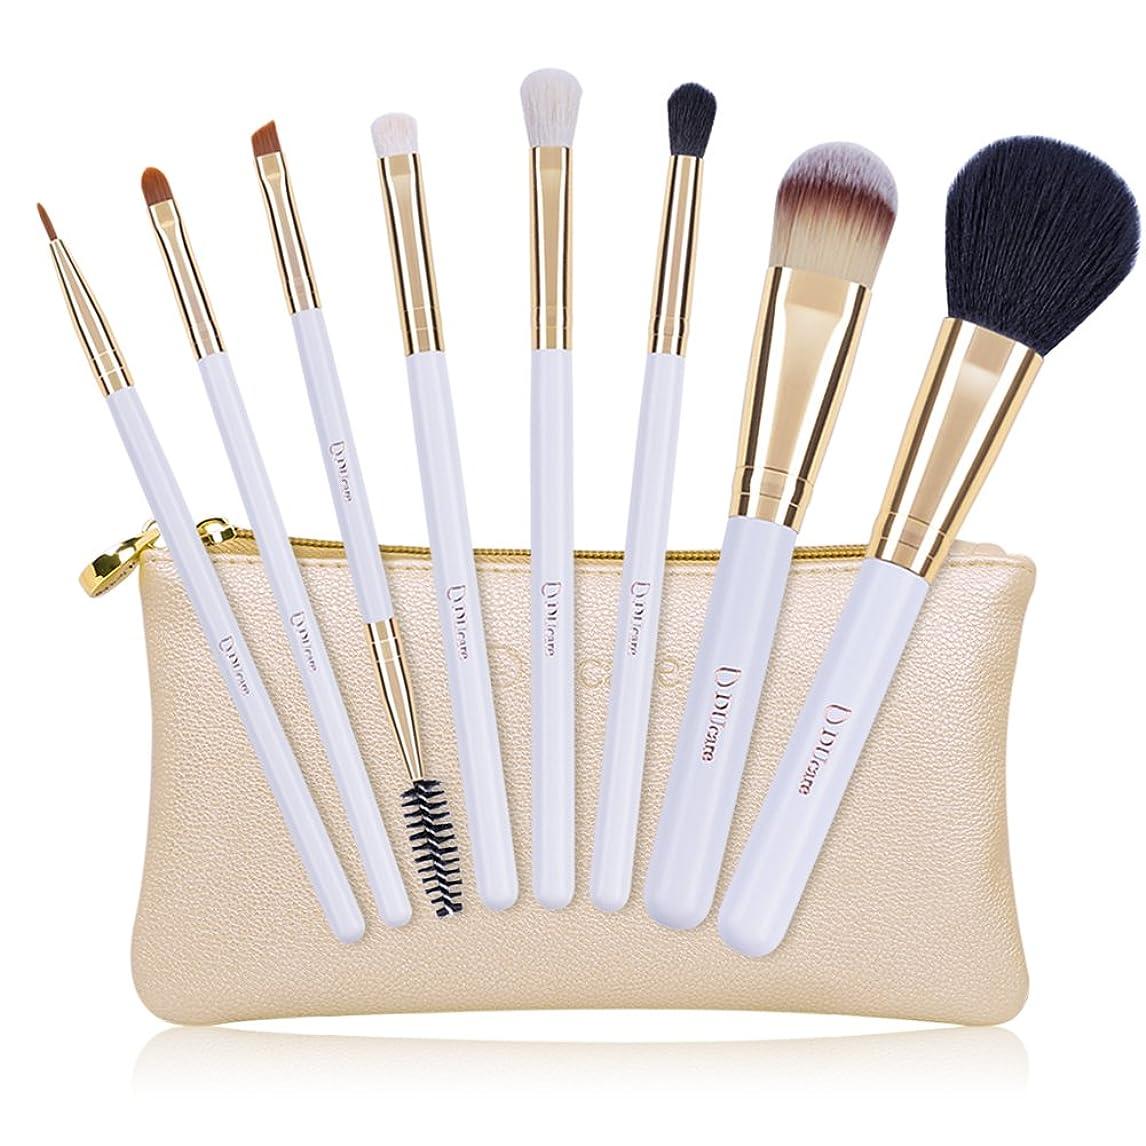 実験室住人追加ドゥケア(DUcare) 化粧筆 メイクブラシ 8本セット 白尖峰&高級タクロン使用 ゴールドのレザー風化粧ポーチ付き